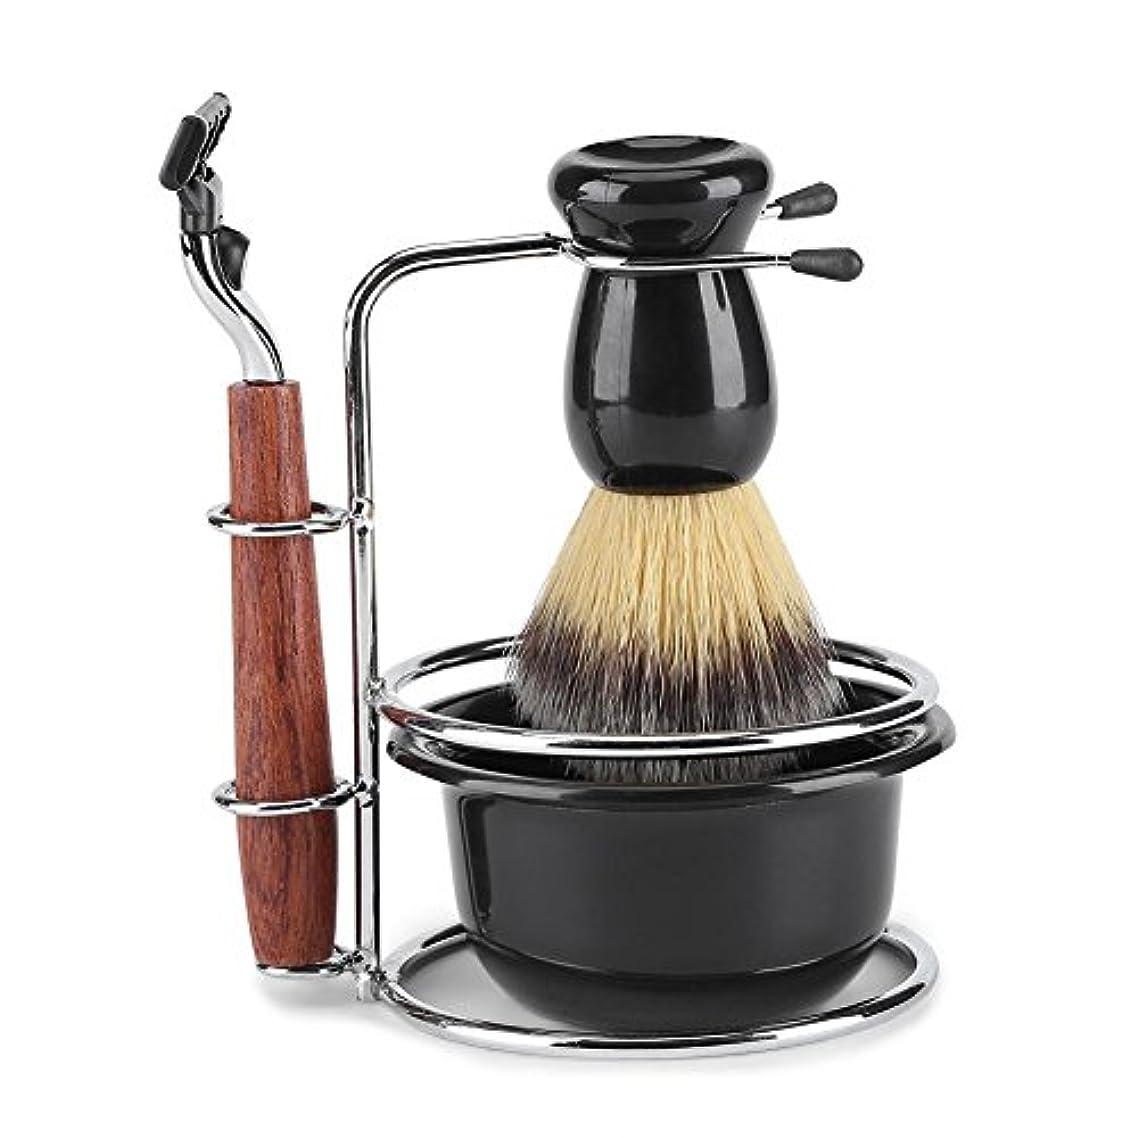 予知感じる物理Salinr 4点セット シェービングブラシ セット ひげブラシ ブラシスタンド ボウル 髭剃り 泡立ち シェービングブラシスタンド 木製ABSプラスチック 男、夫、父贈り物オプション